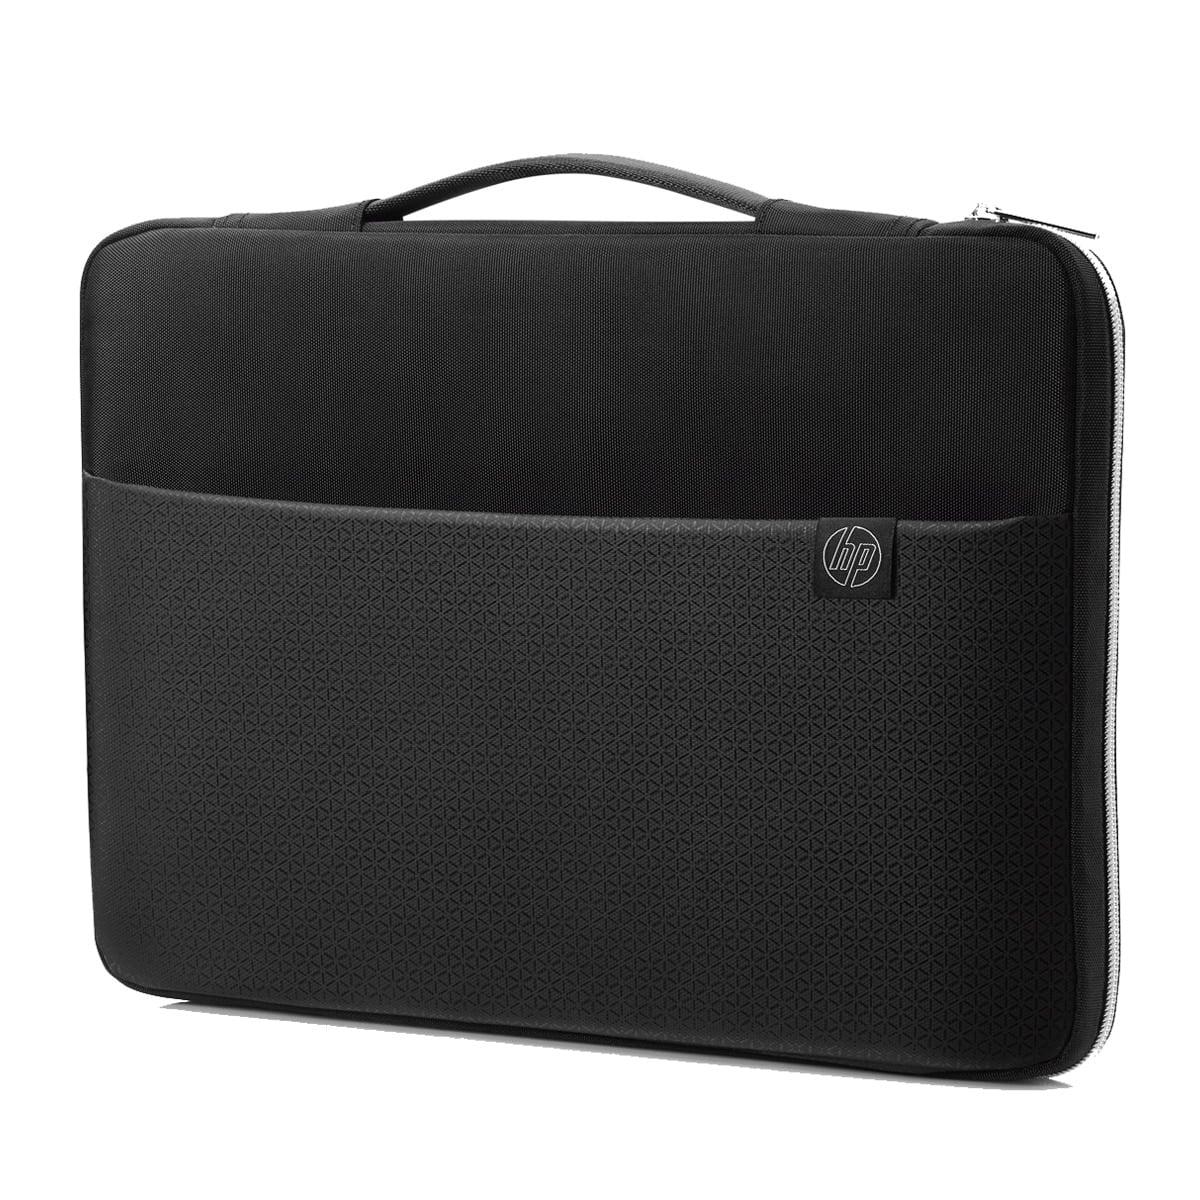 Funda negra HP para portátiles de 35,56 cm (14″)